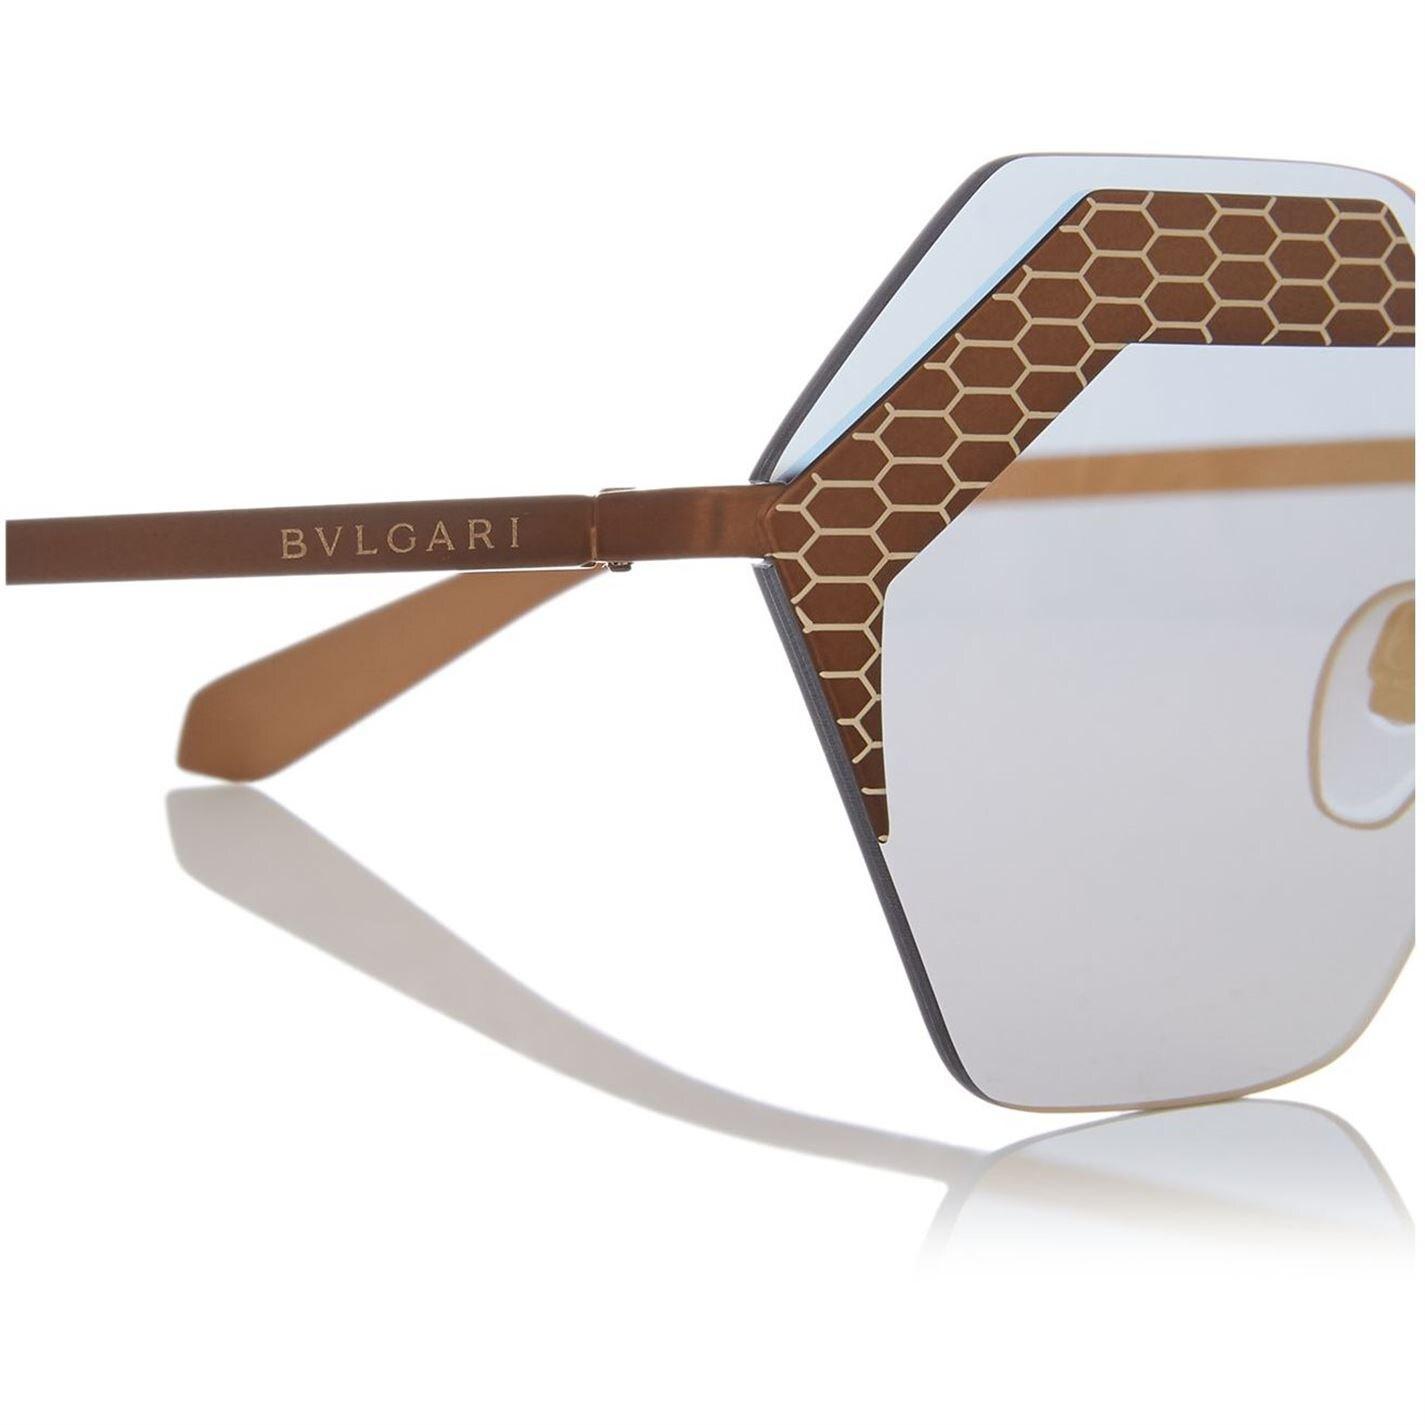 BVLGARI Light Brown Bv6103 Irregular Sunglasses